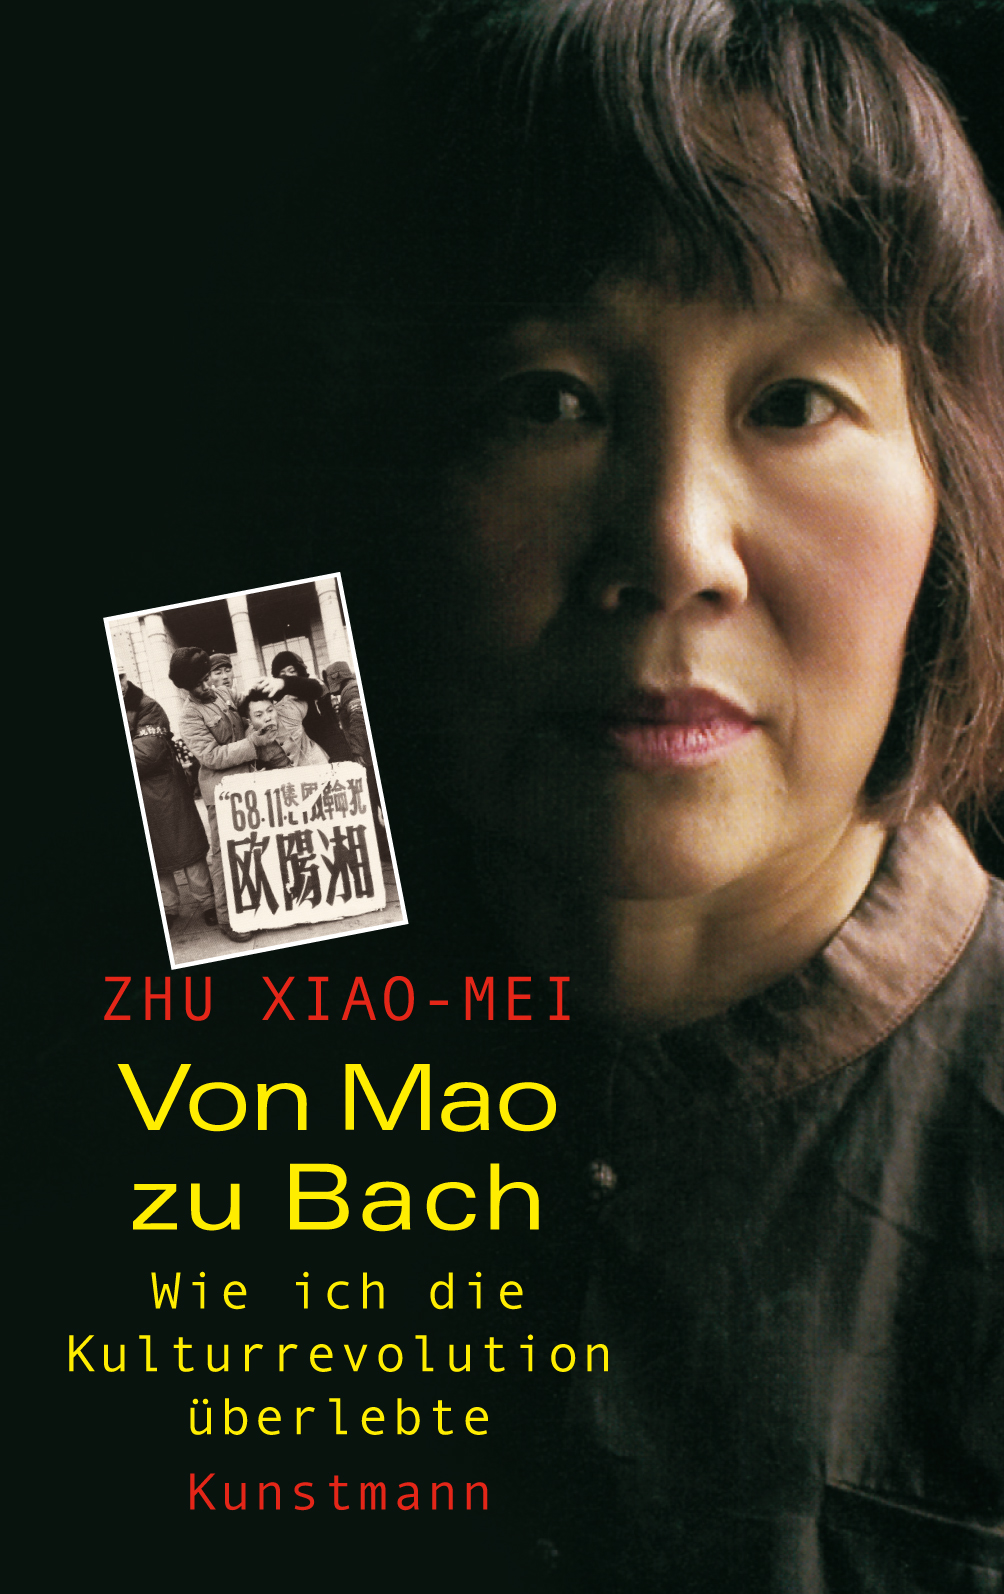 NEU Von Mao zu Bach Zhu Xiao-Mei 978937